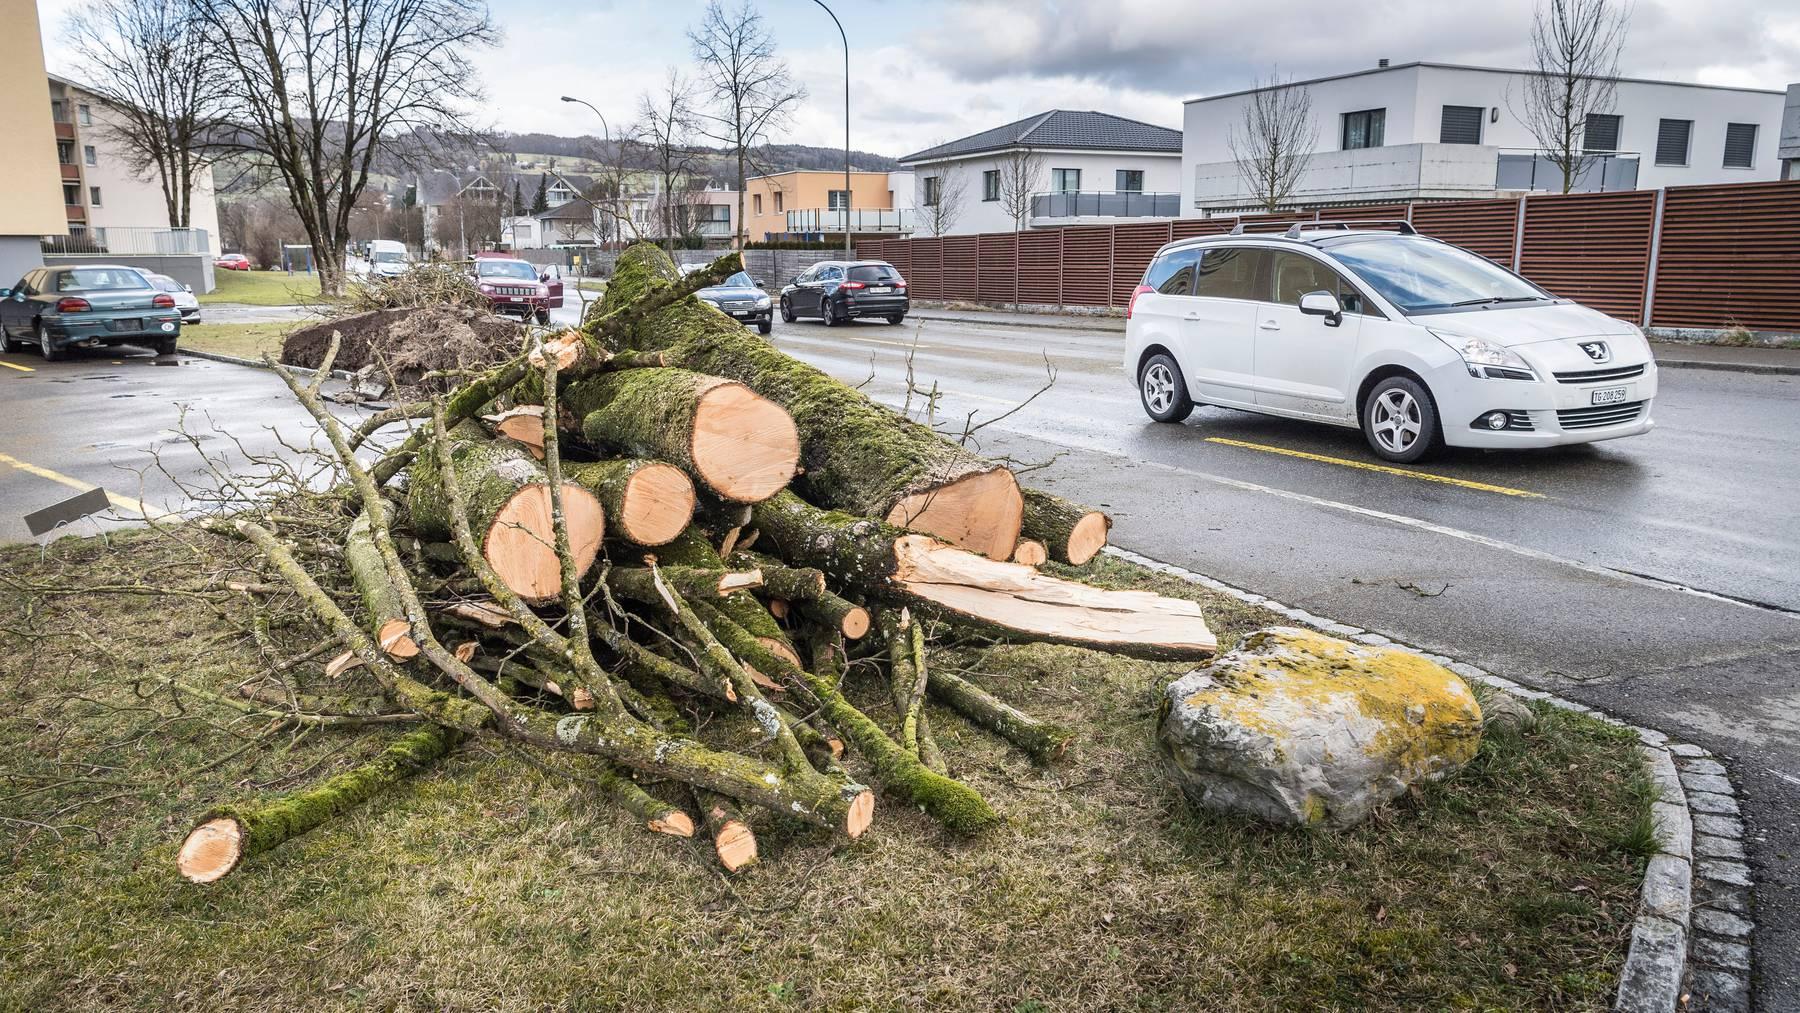 Sturm Sabine wütete im Februar schweizweit, wie hier in Weinfelden. Trotzdem hielten sich die Unwetterschäden für die Mobiliar im ersten Halbjahr 2020 in Grenzen.